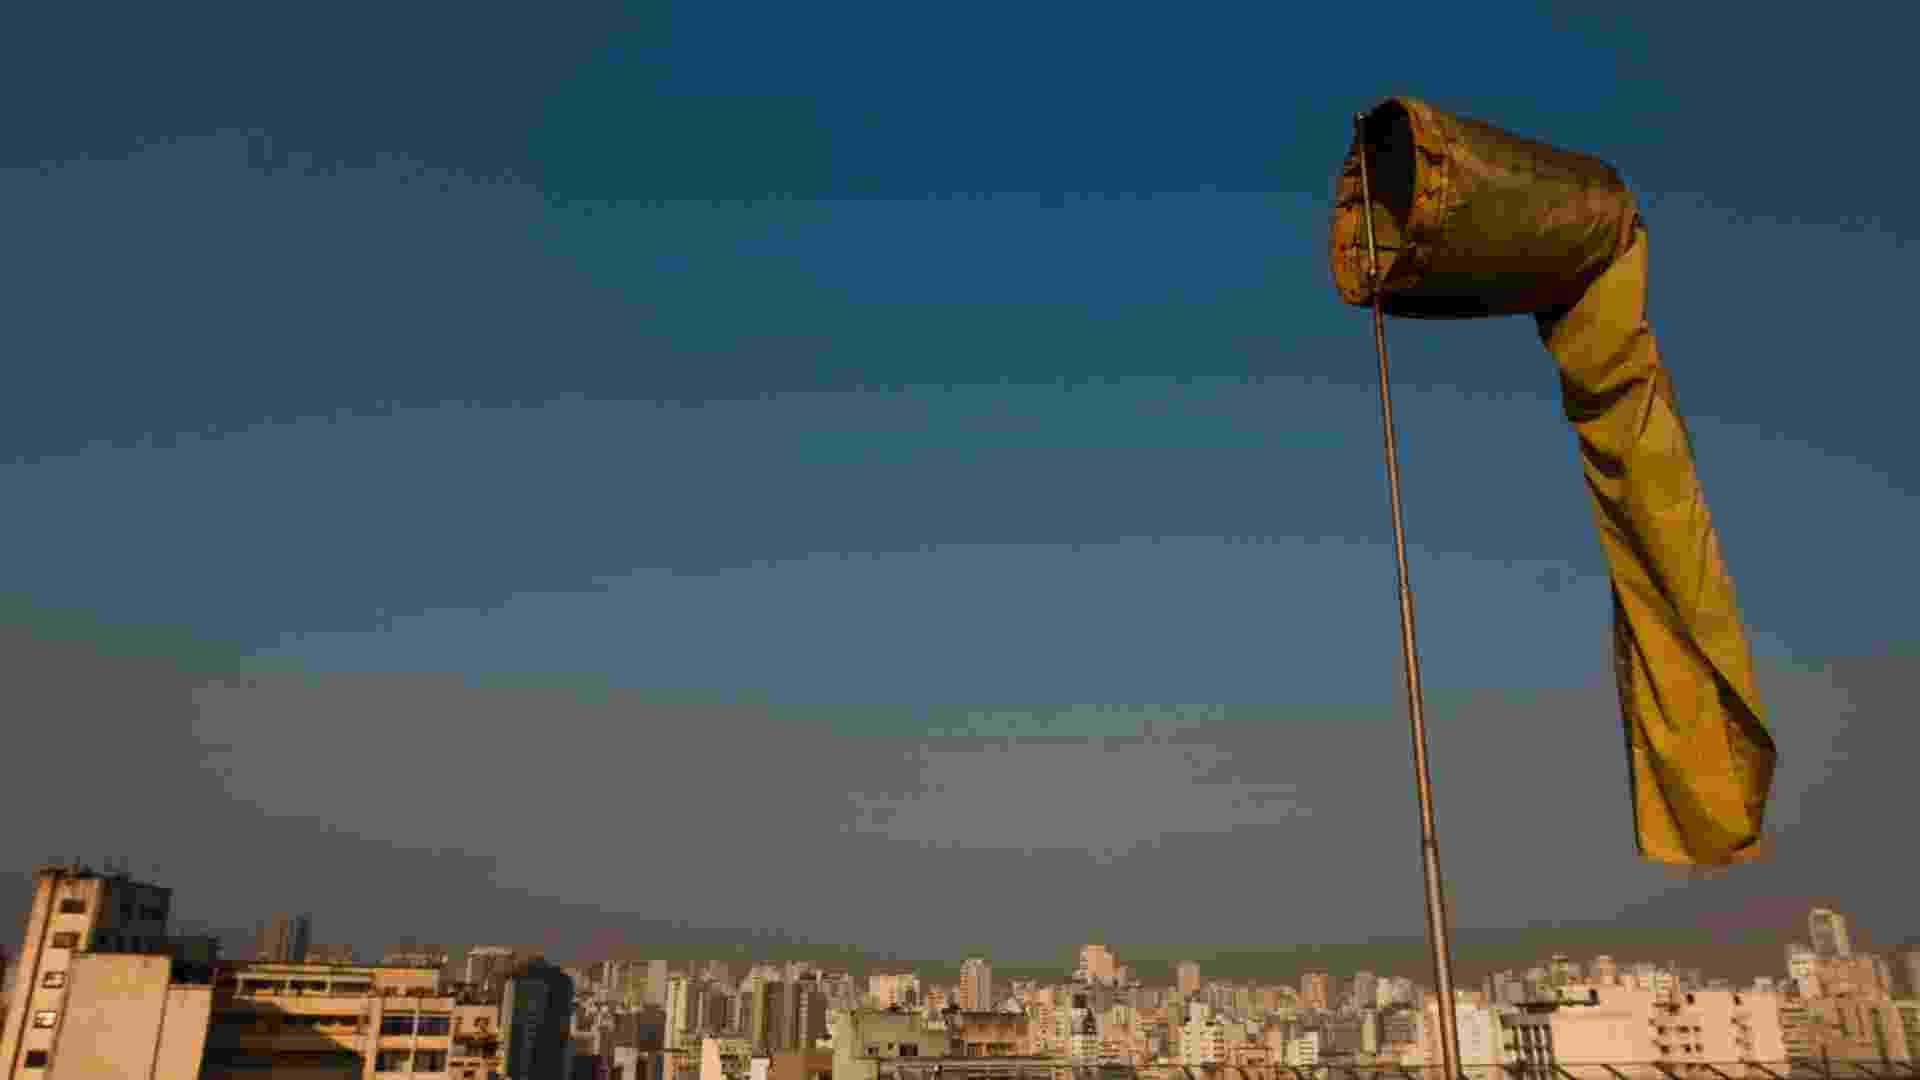 23.abr.2013 - A região metropolitana de São Paulo atingiu em 2012 o maior índice de poluição por ozônio da última década, segundo relatório anual de qualidade do ar da Cetesb (Companhia Ambiental do Estado de São Paulo). O poluente passou o padrão de qualidade do ar diário (150 partículas inaláveis) durante 98 dias do ano passado, com piores índices em fevereiro e outubro (18 dias cada). De acordo com a Cetesb, a Grande São Paulo tem potencial de formação de ozônio, diz o relatório, por conta da grande emissão de origem veicular - Apu Gomes/18.set.2012/Folhapress